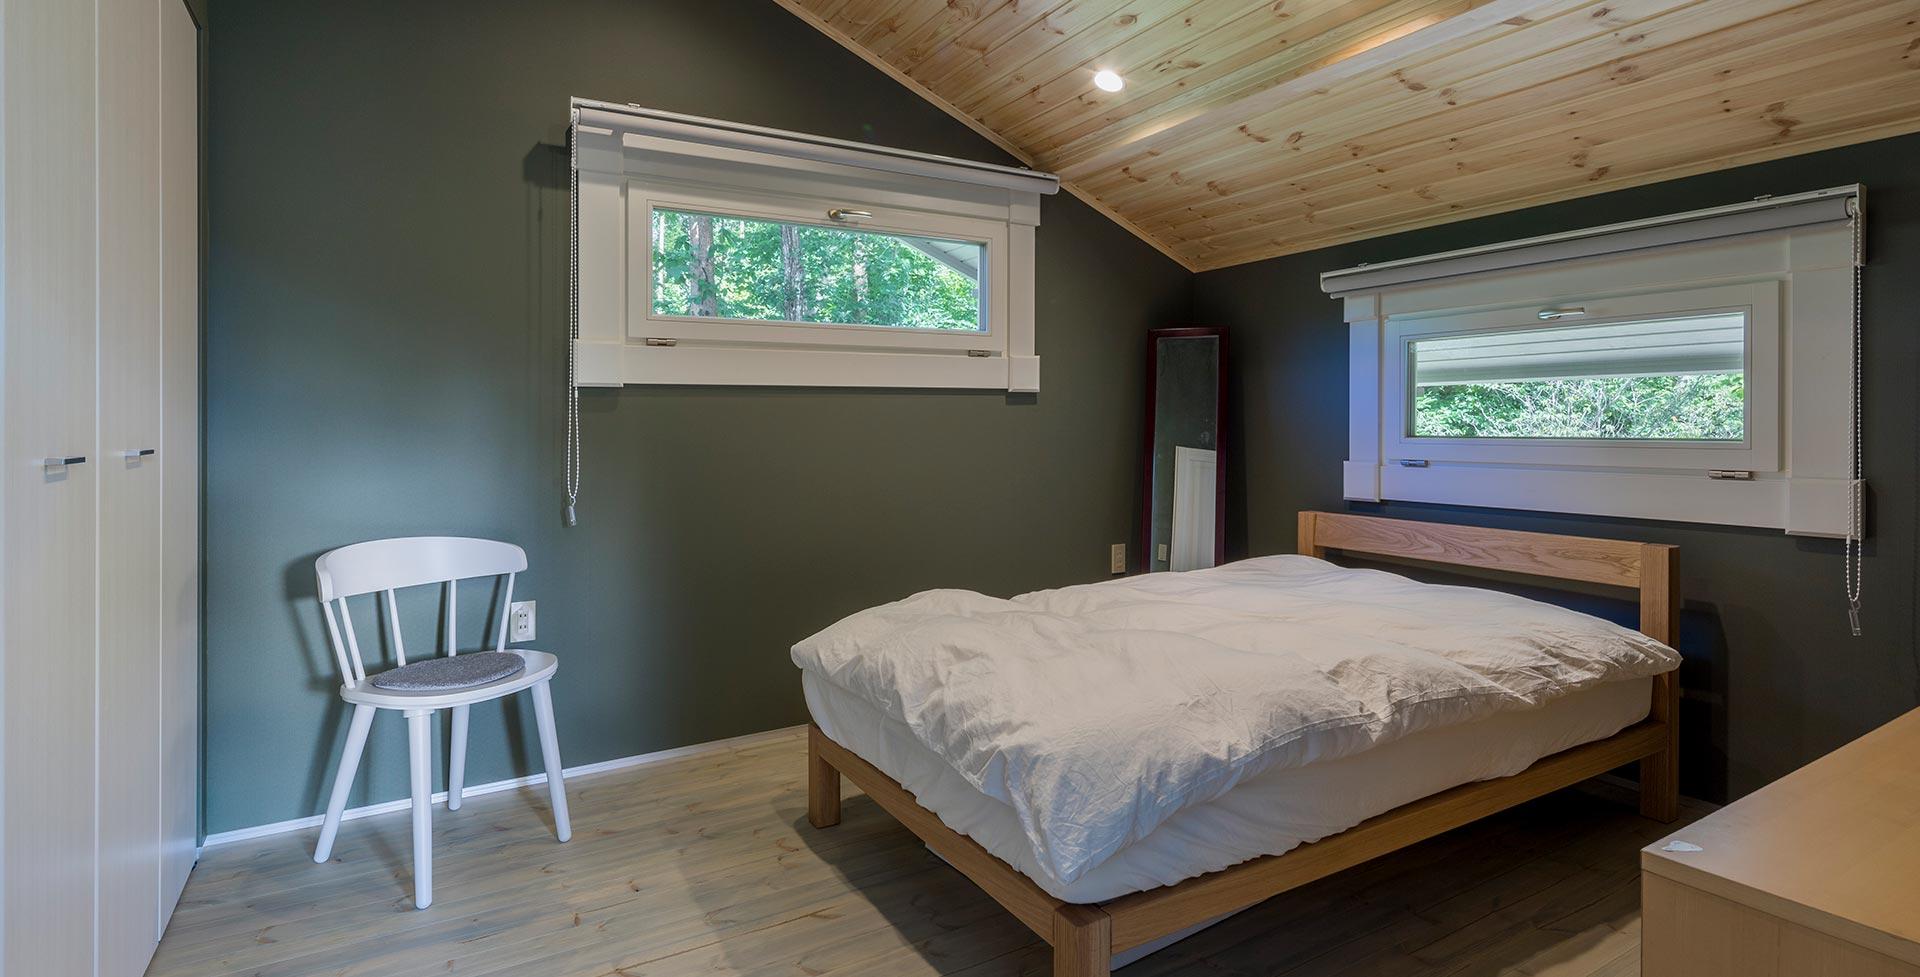 収納スペースも設置されたベッドルーム